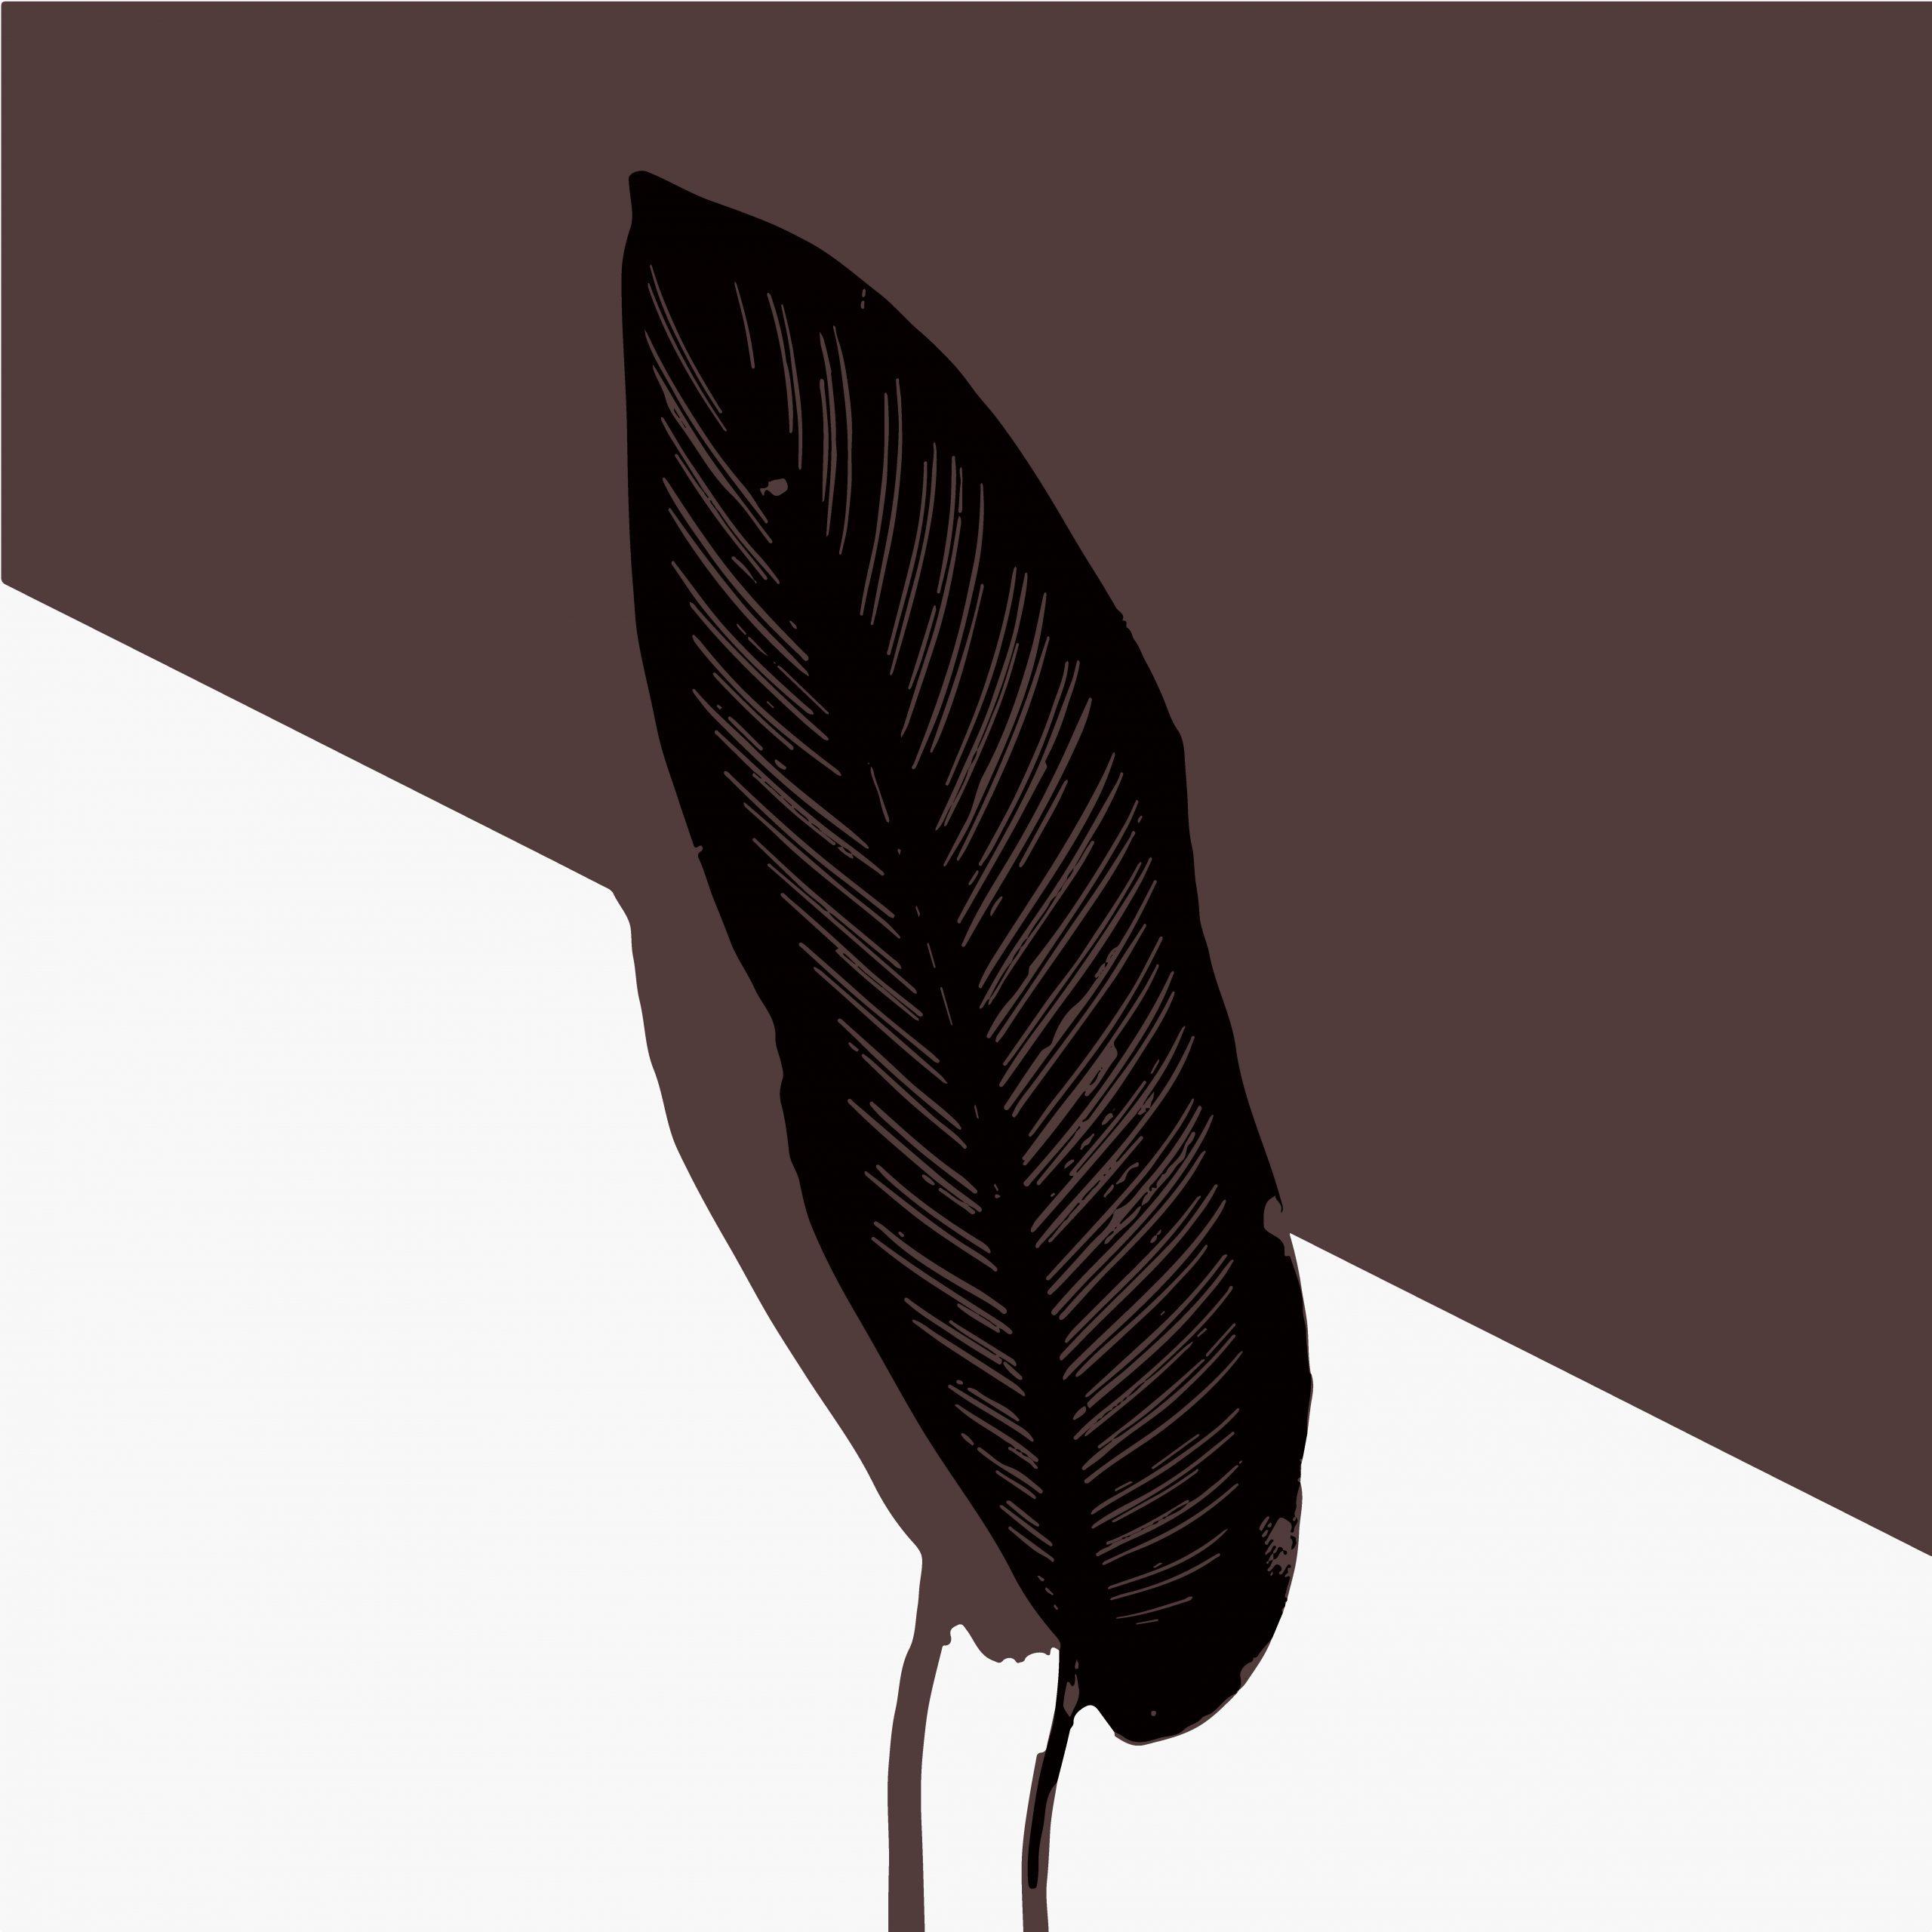 A leaf illustration